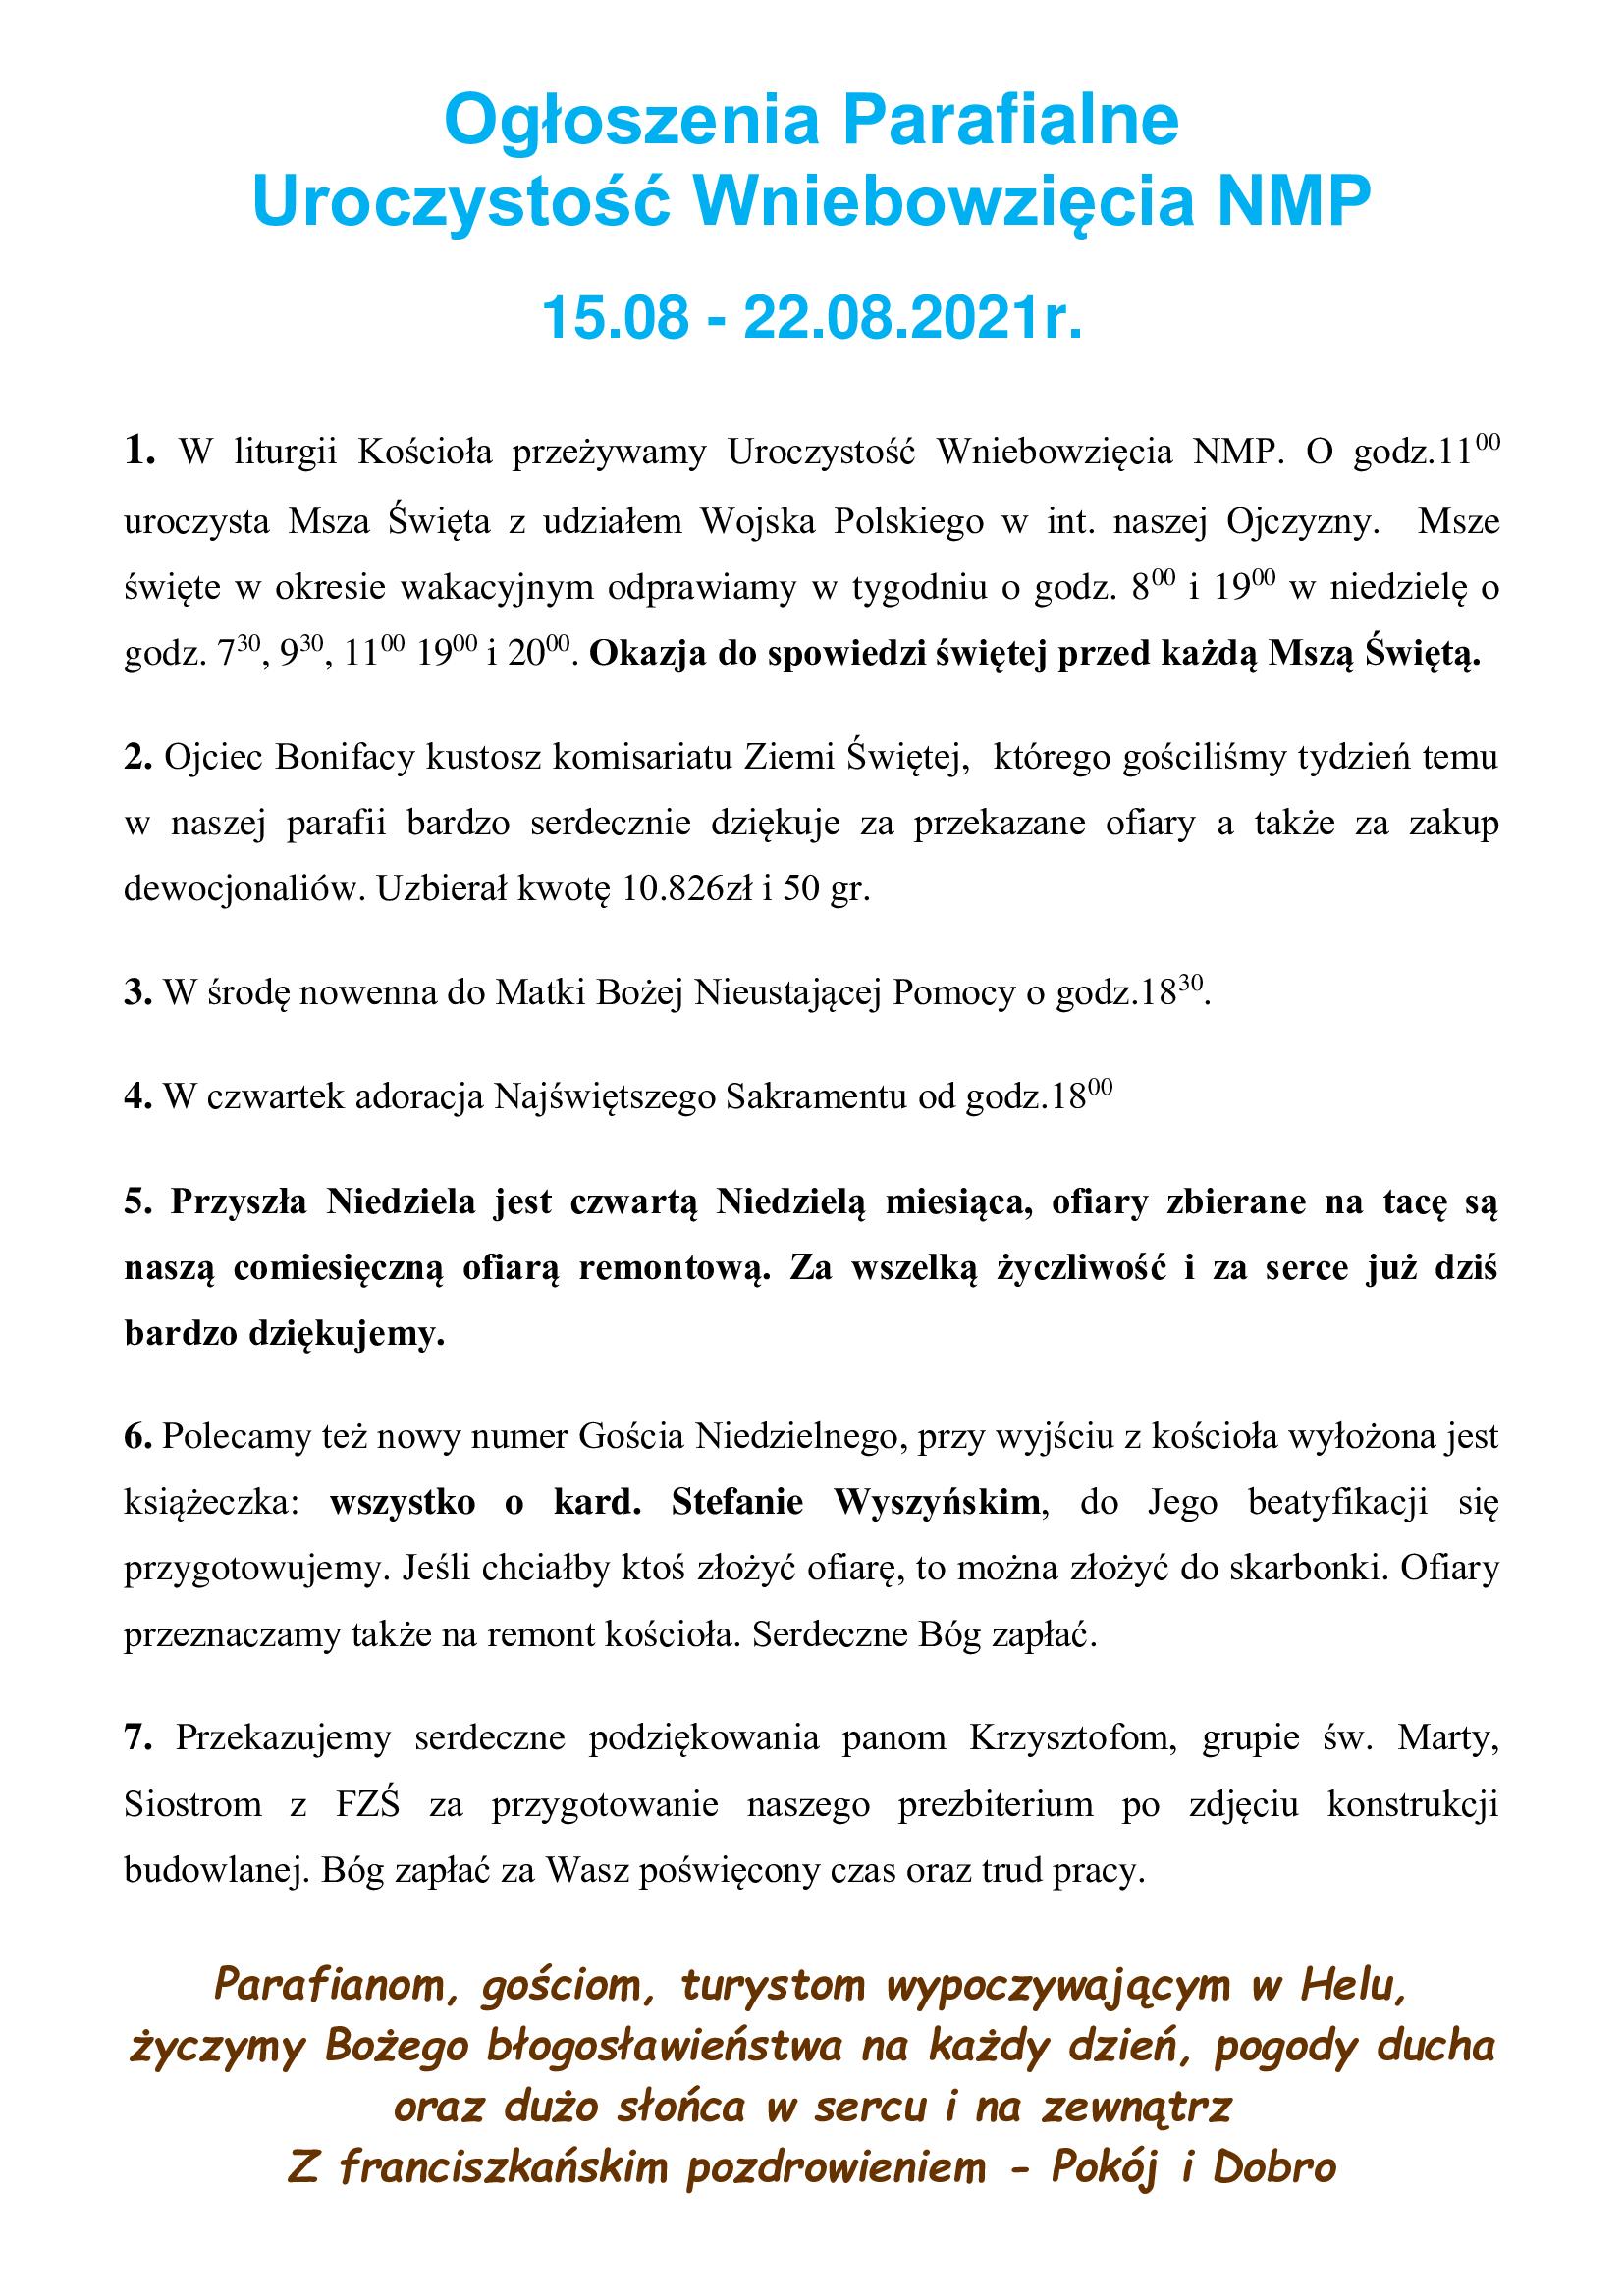 xx-ogloszenia-parafialne-uroczystosc-wniebowziecia-nmp-15-08-22-08-2021-r-_1